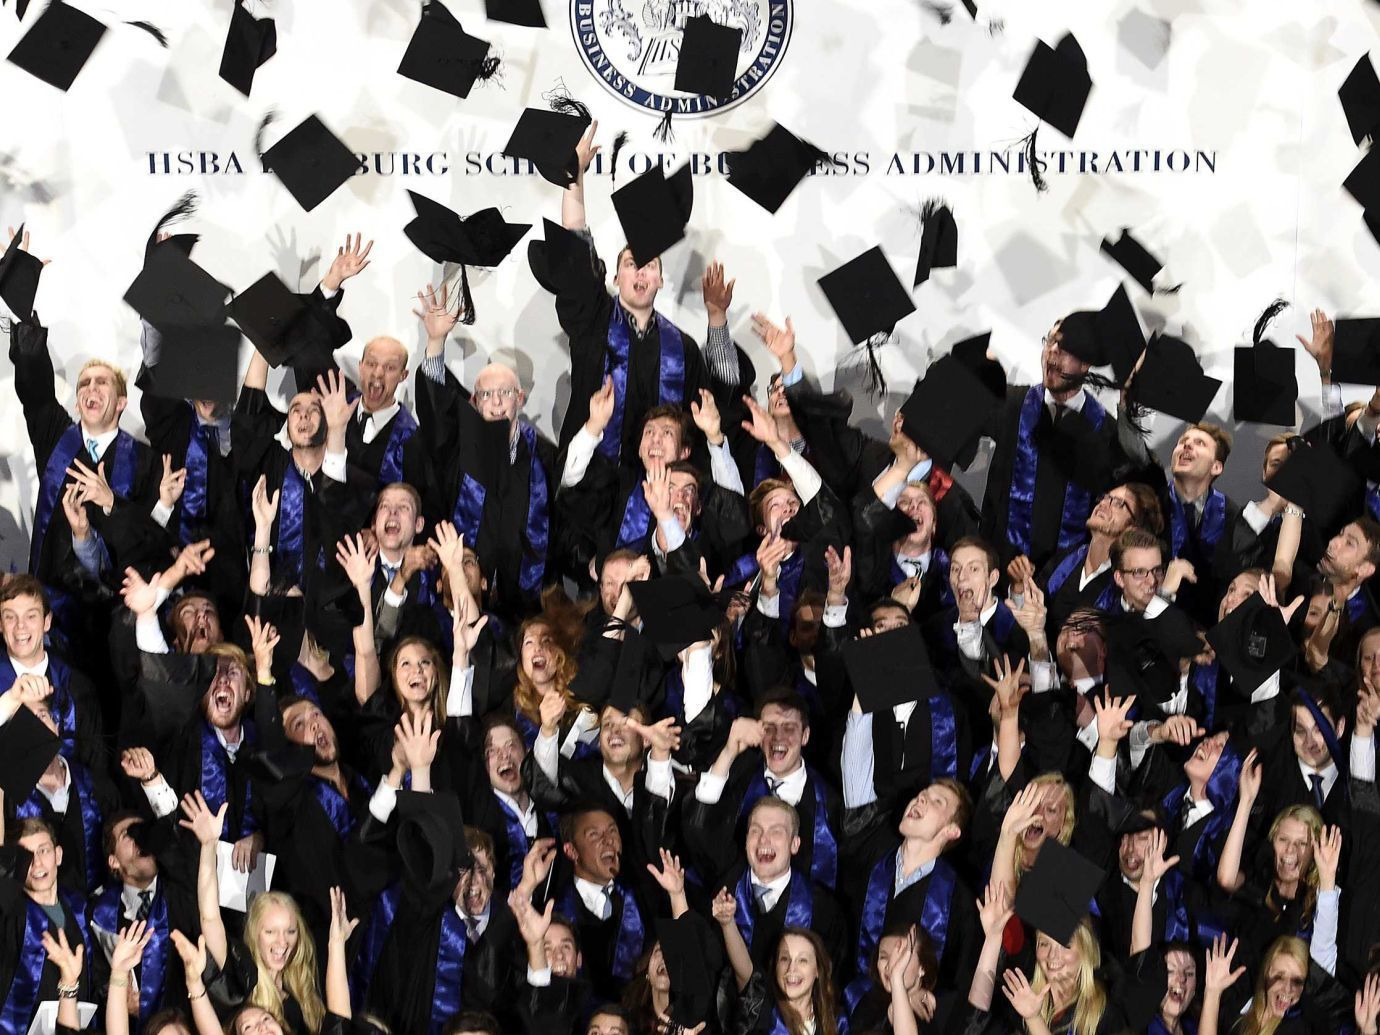 После получения диплома mba карьера идет в гору новости mba В мире увеличивается количество форматов альтернативных традиционным в том числе master in management imba различные онлайн курсы и даже программы с